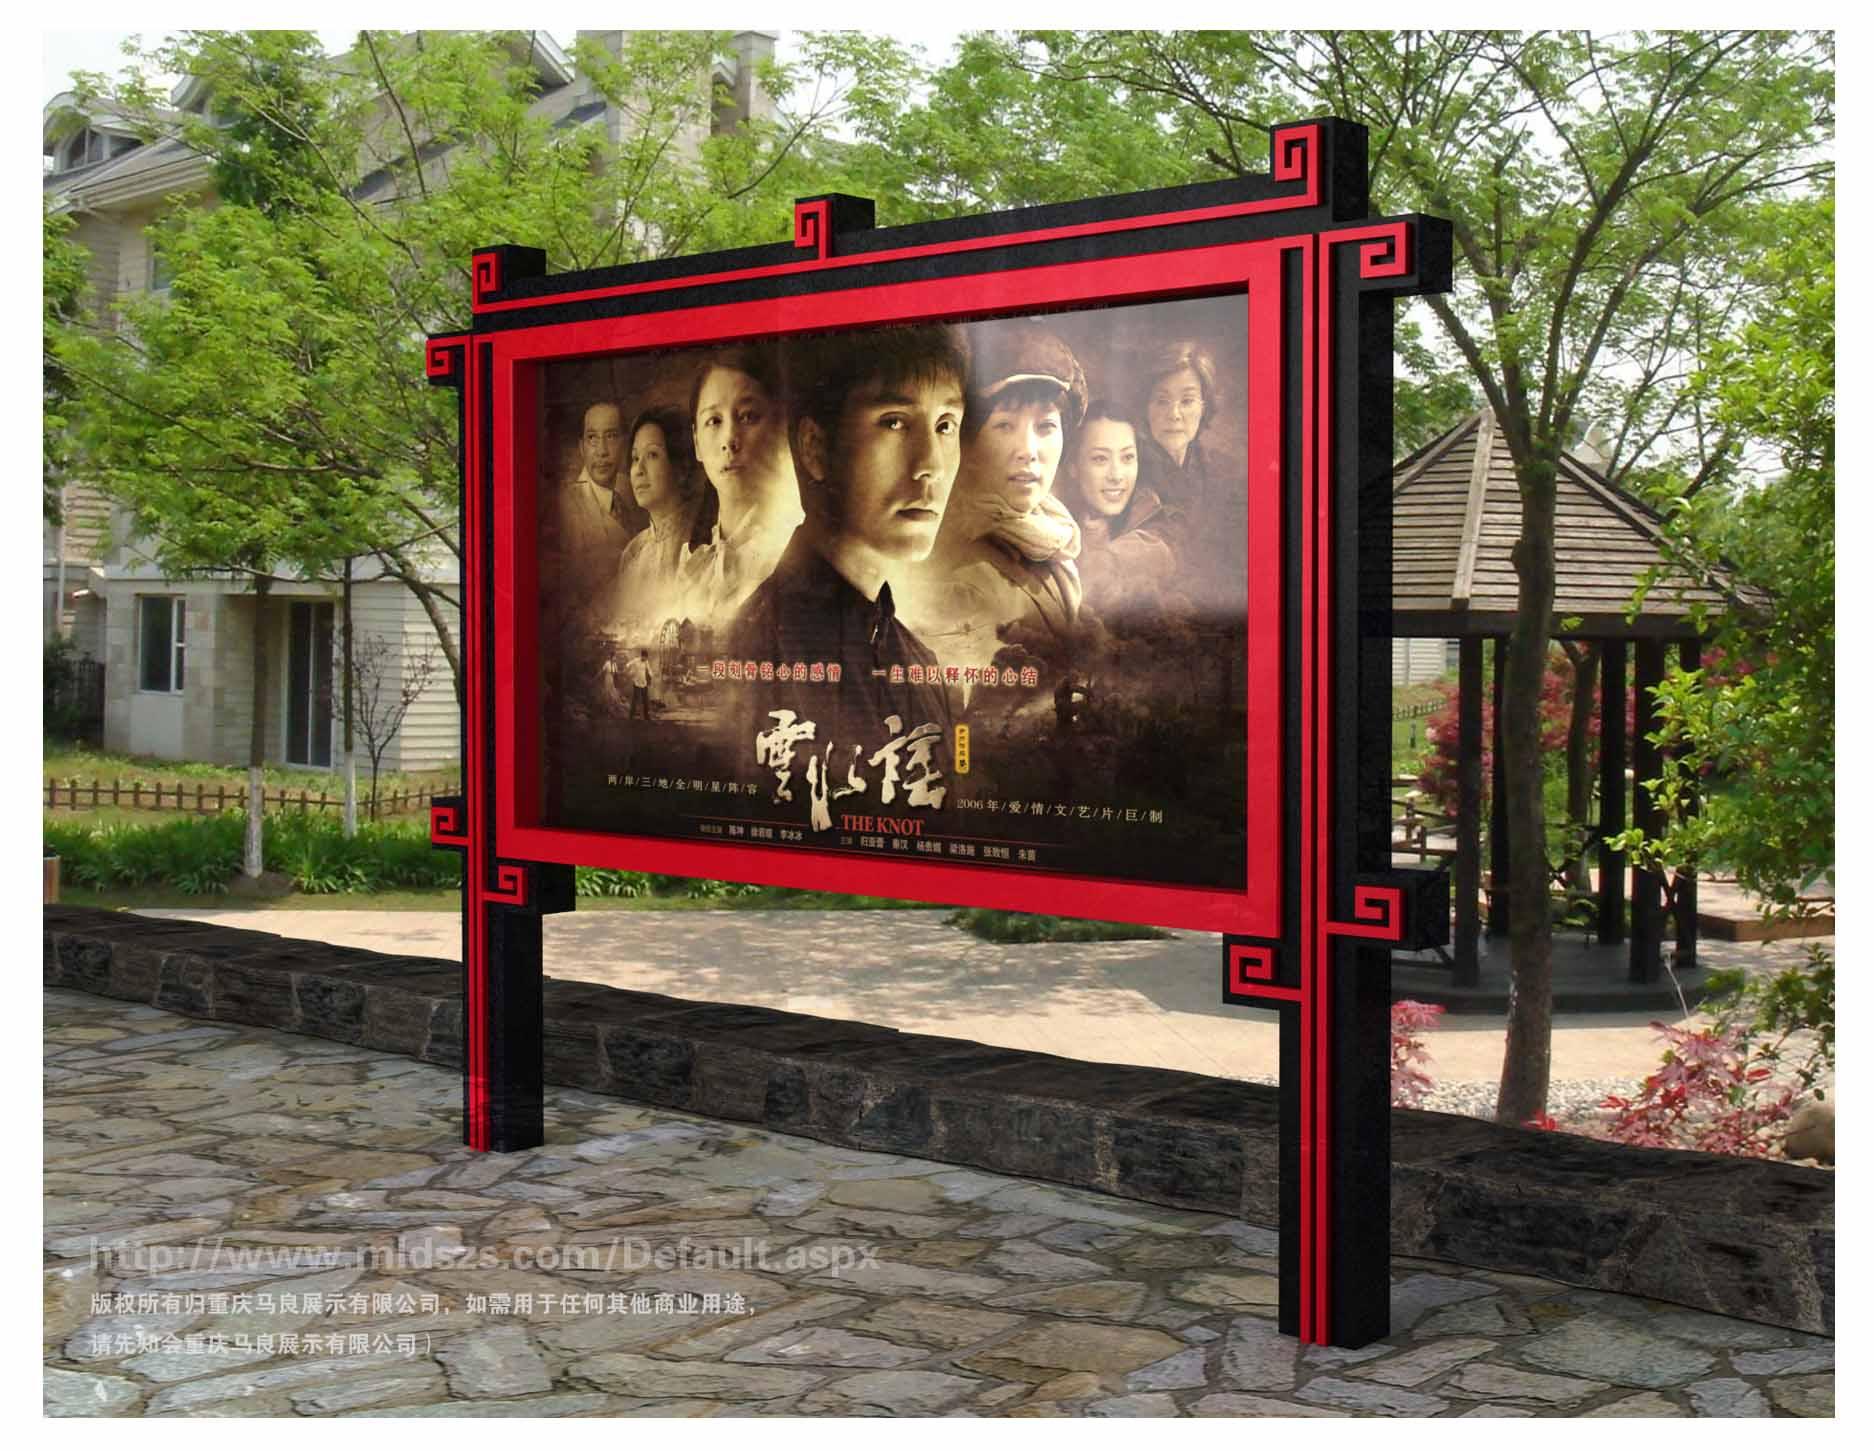 中式手绘风格户外广告